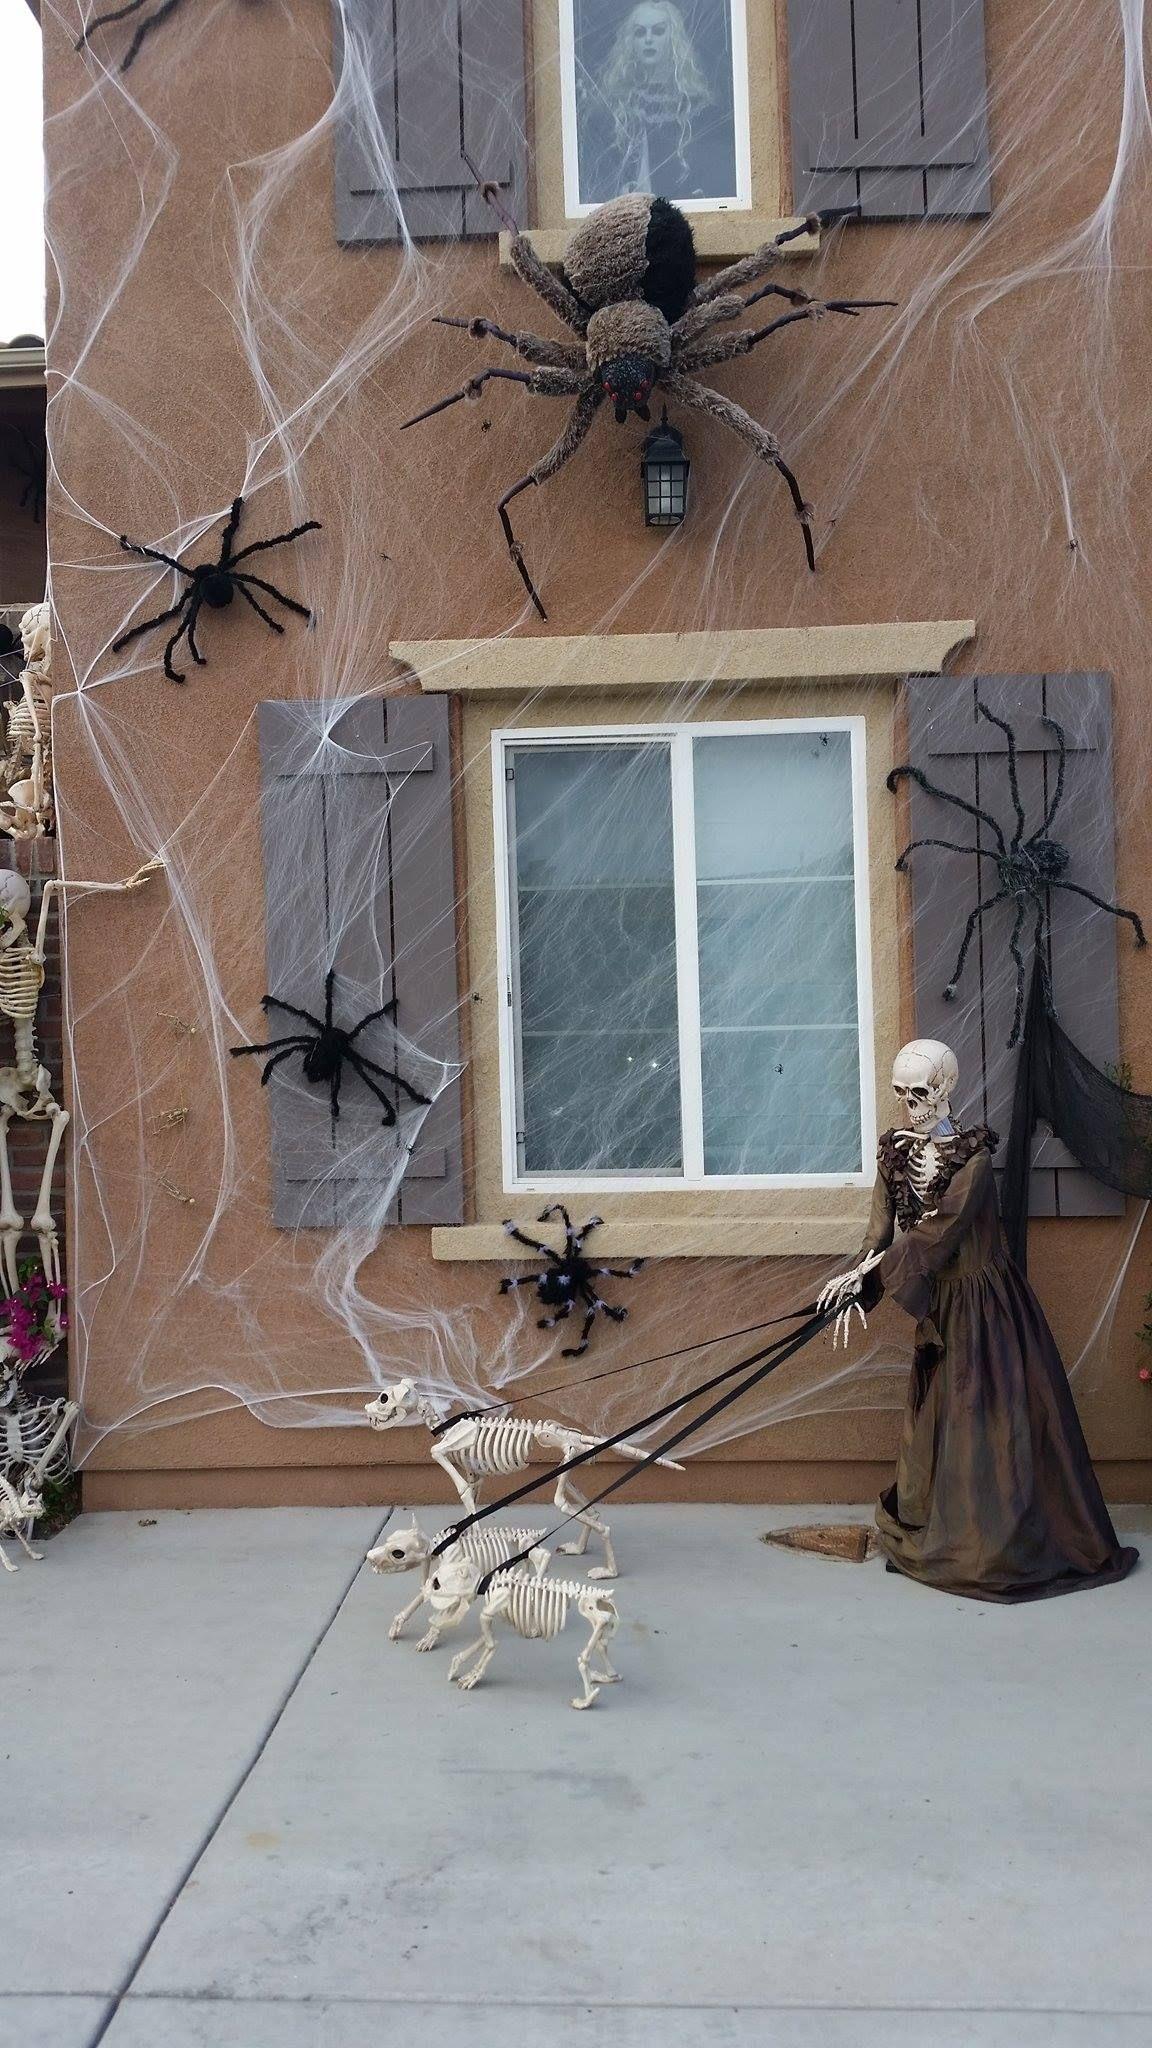 spiders spider webs and a skeleton walking dog skeletons - Halloween Spider Decorations